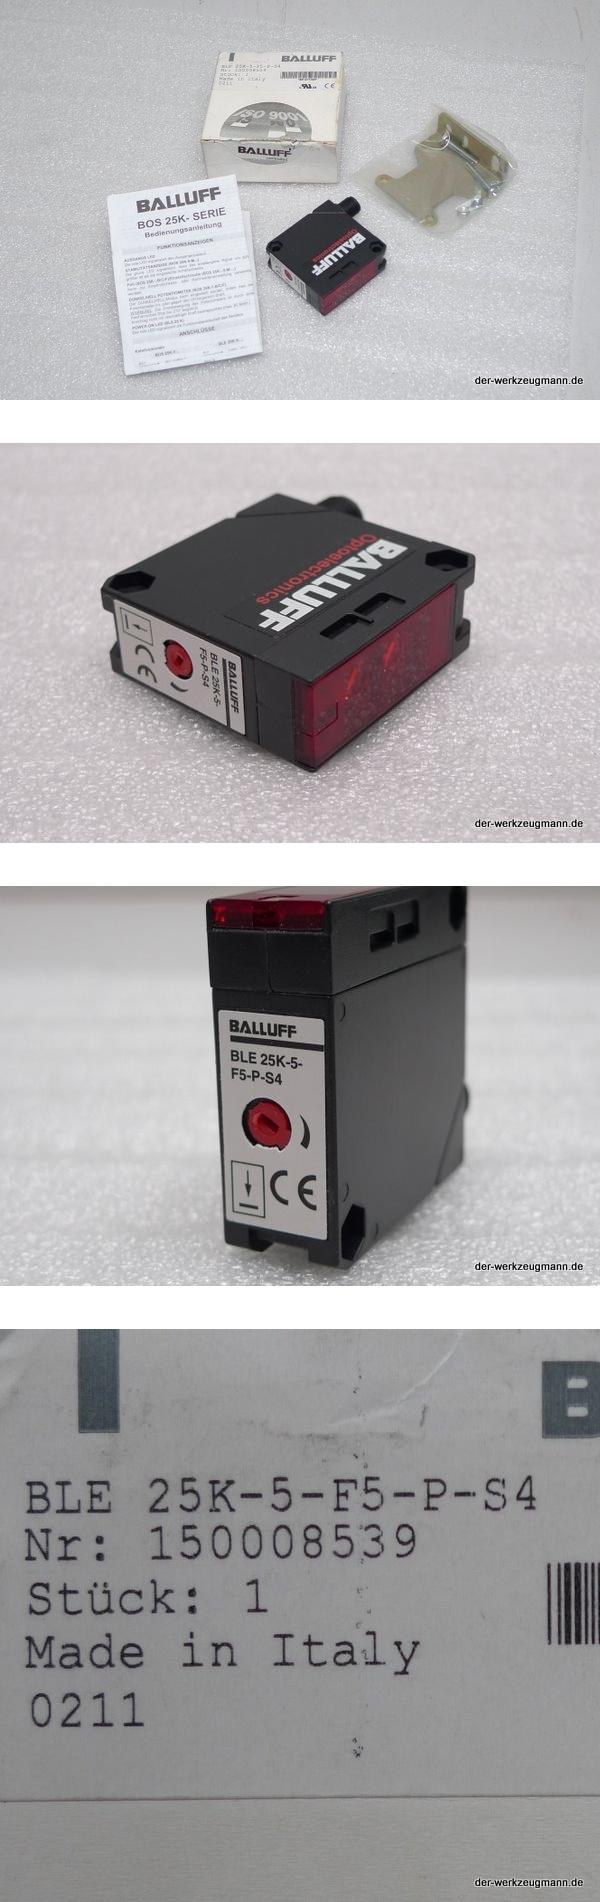 Balluff BLE 25K-5-F5-P-S4 Lichtschranke Empfänger